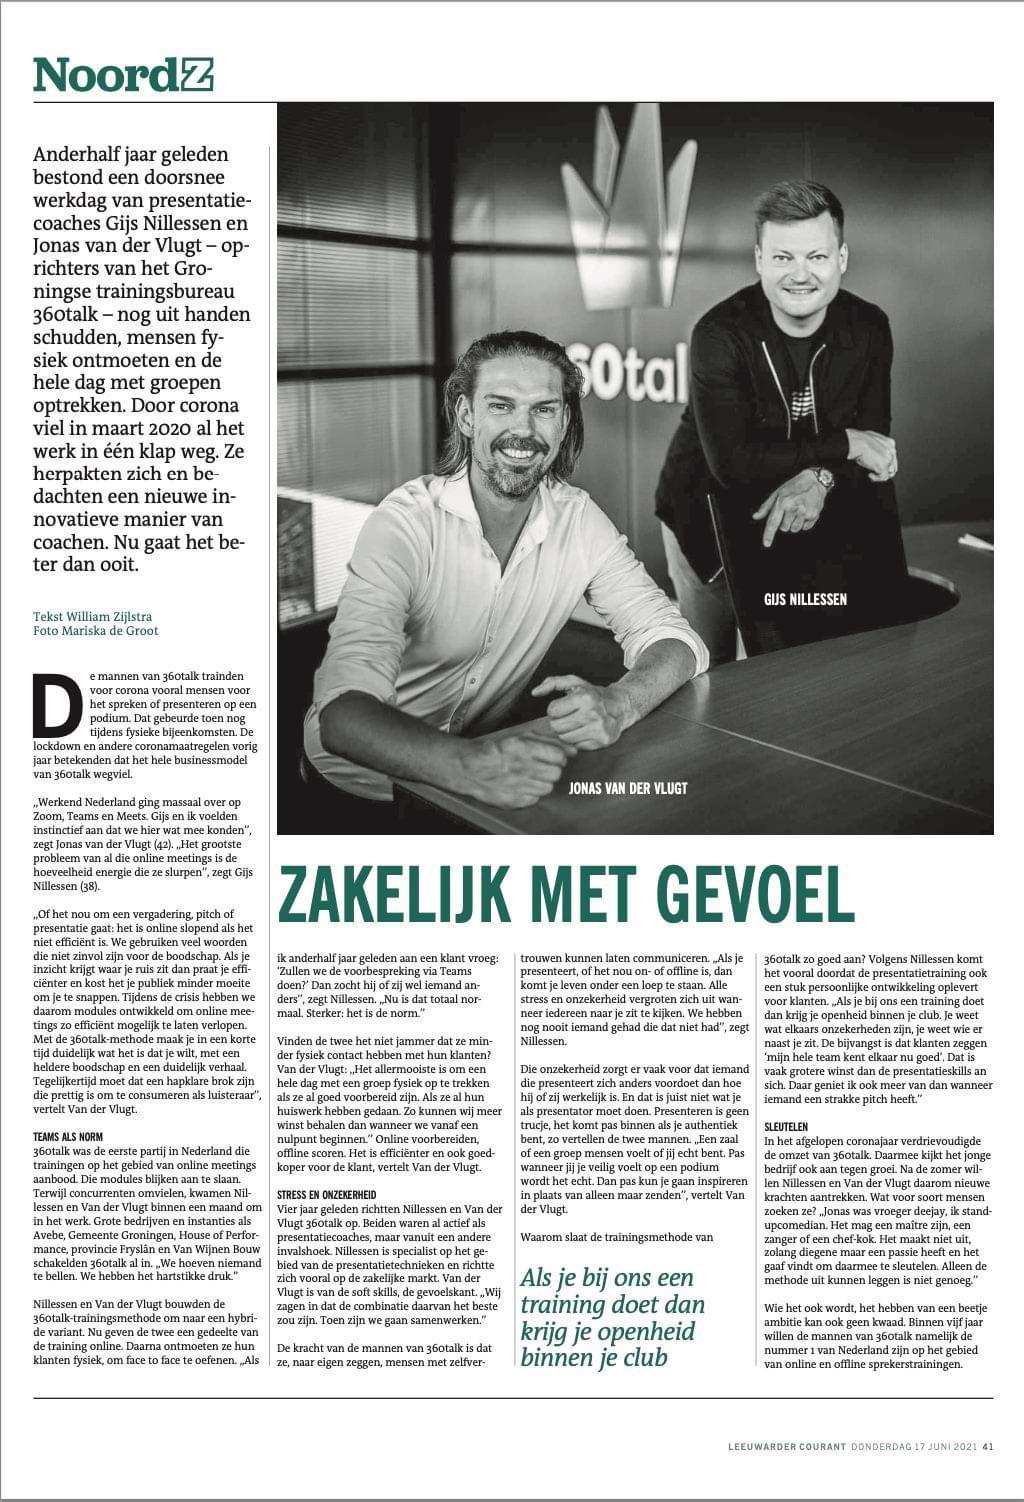 """Featured image for """"Zakelijk met gevoel – Artikel NoordZ"""""""